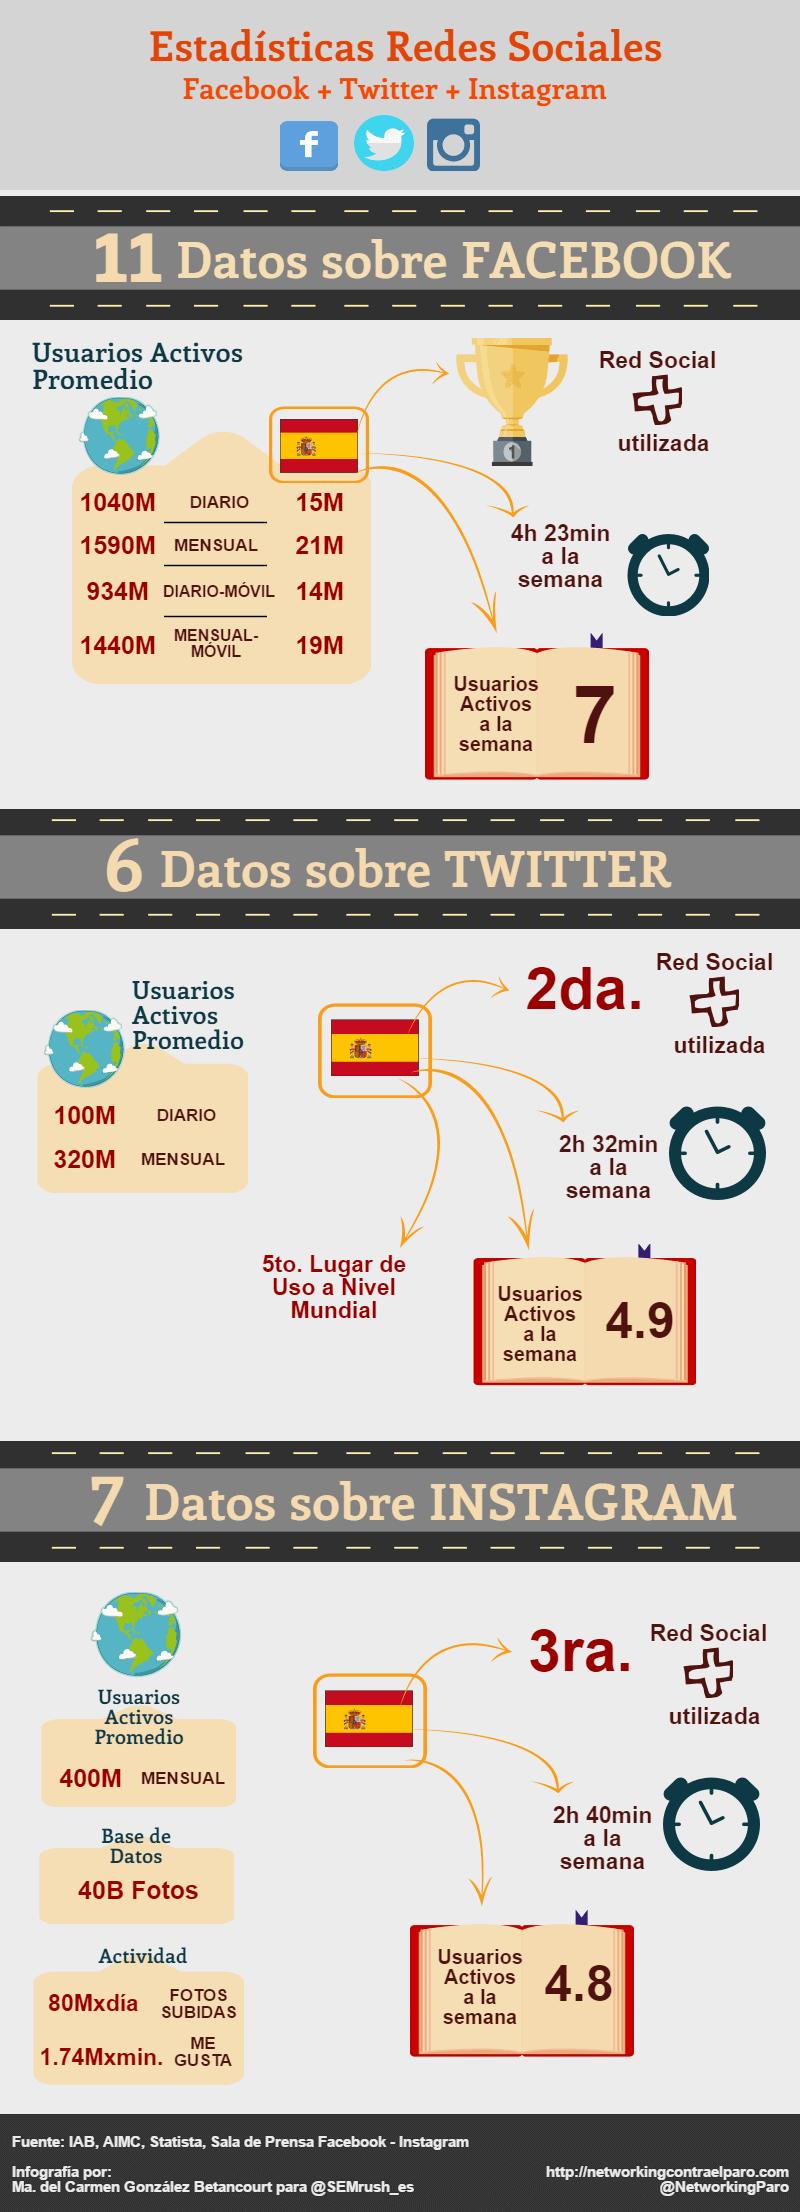 Datos estadísticos de Redes Sociales